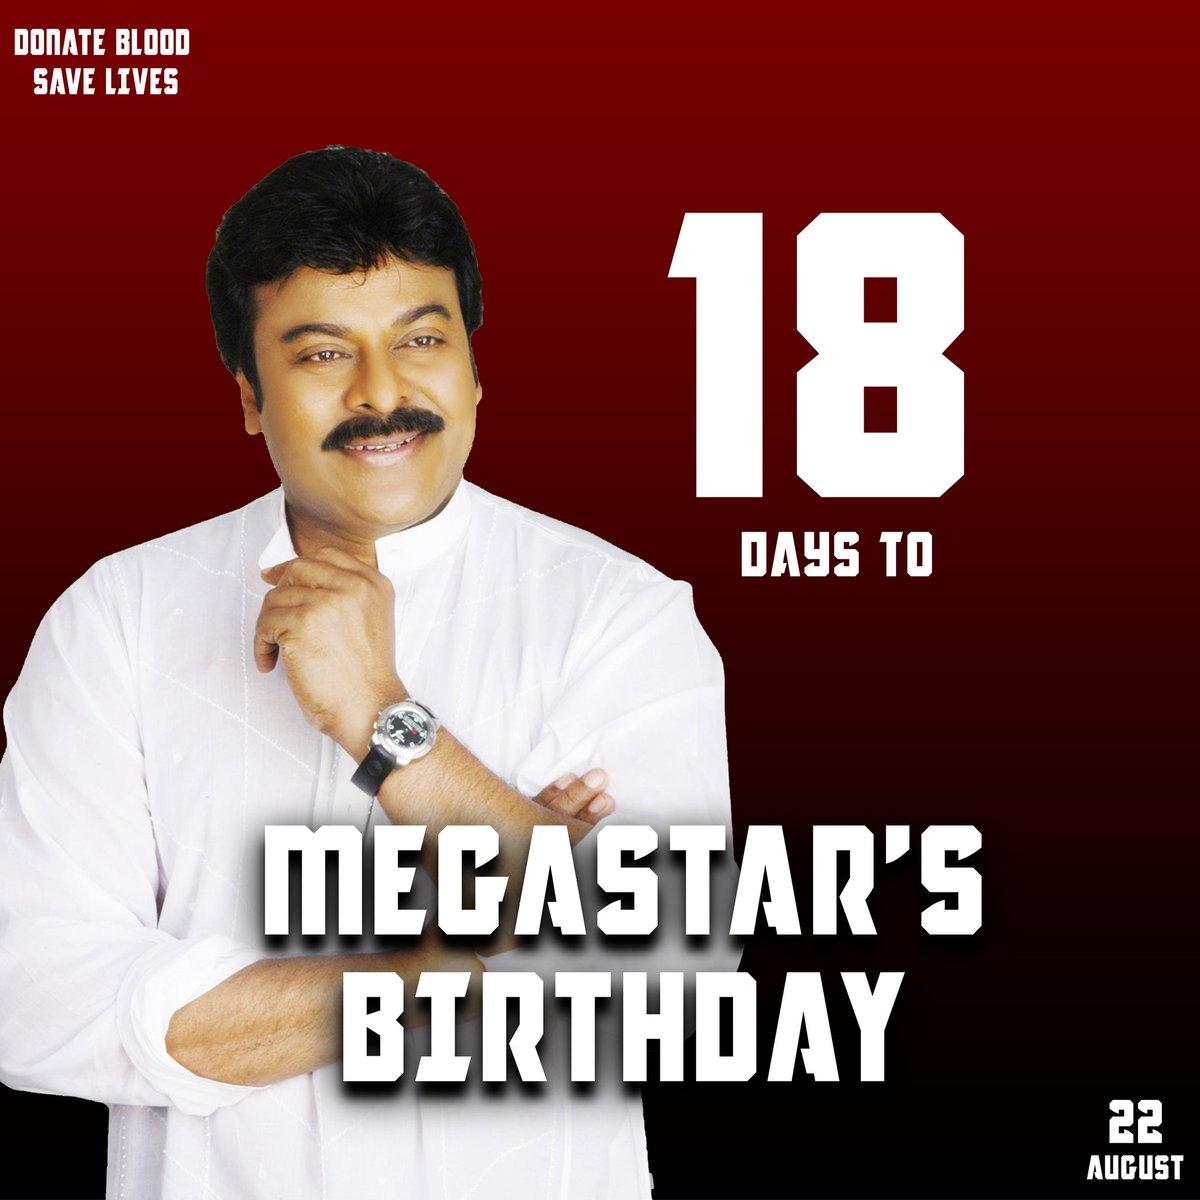 More 18 day's to go for our Boss @KChiruTweets Birthday ❤   #MegastarChiranjeevi  #ChiruBdayTrendOnAug21